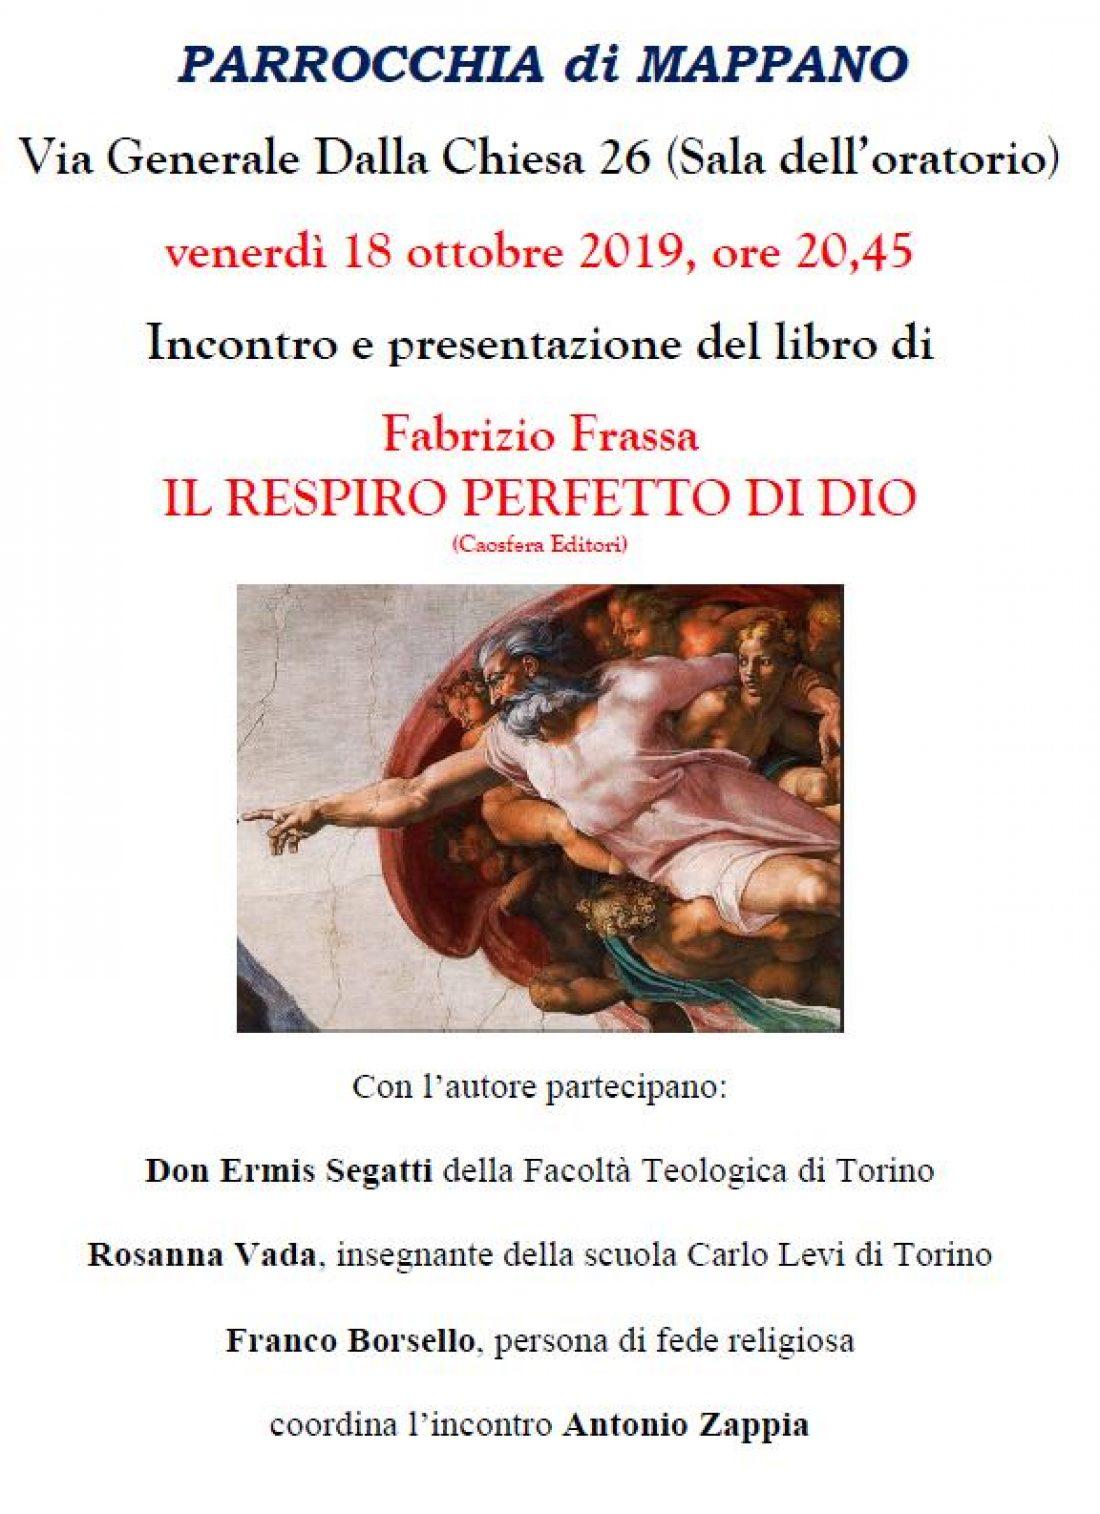 """Presentazione: """"Il respiro perfetto di Dio"""" di Fabrizio Frassa"""